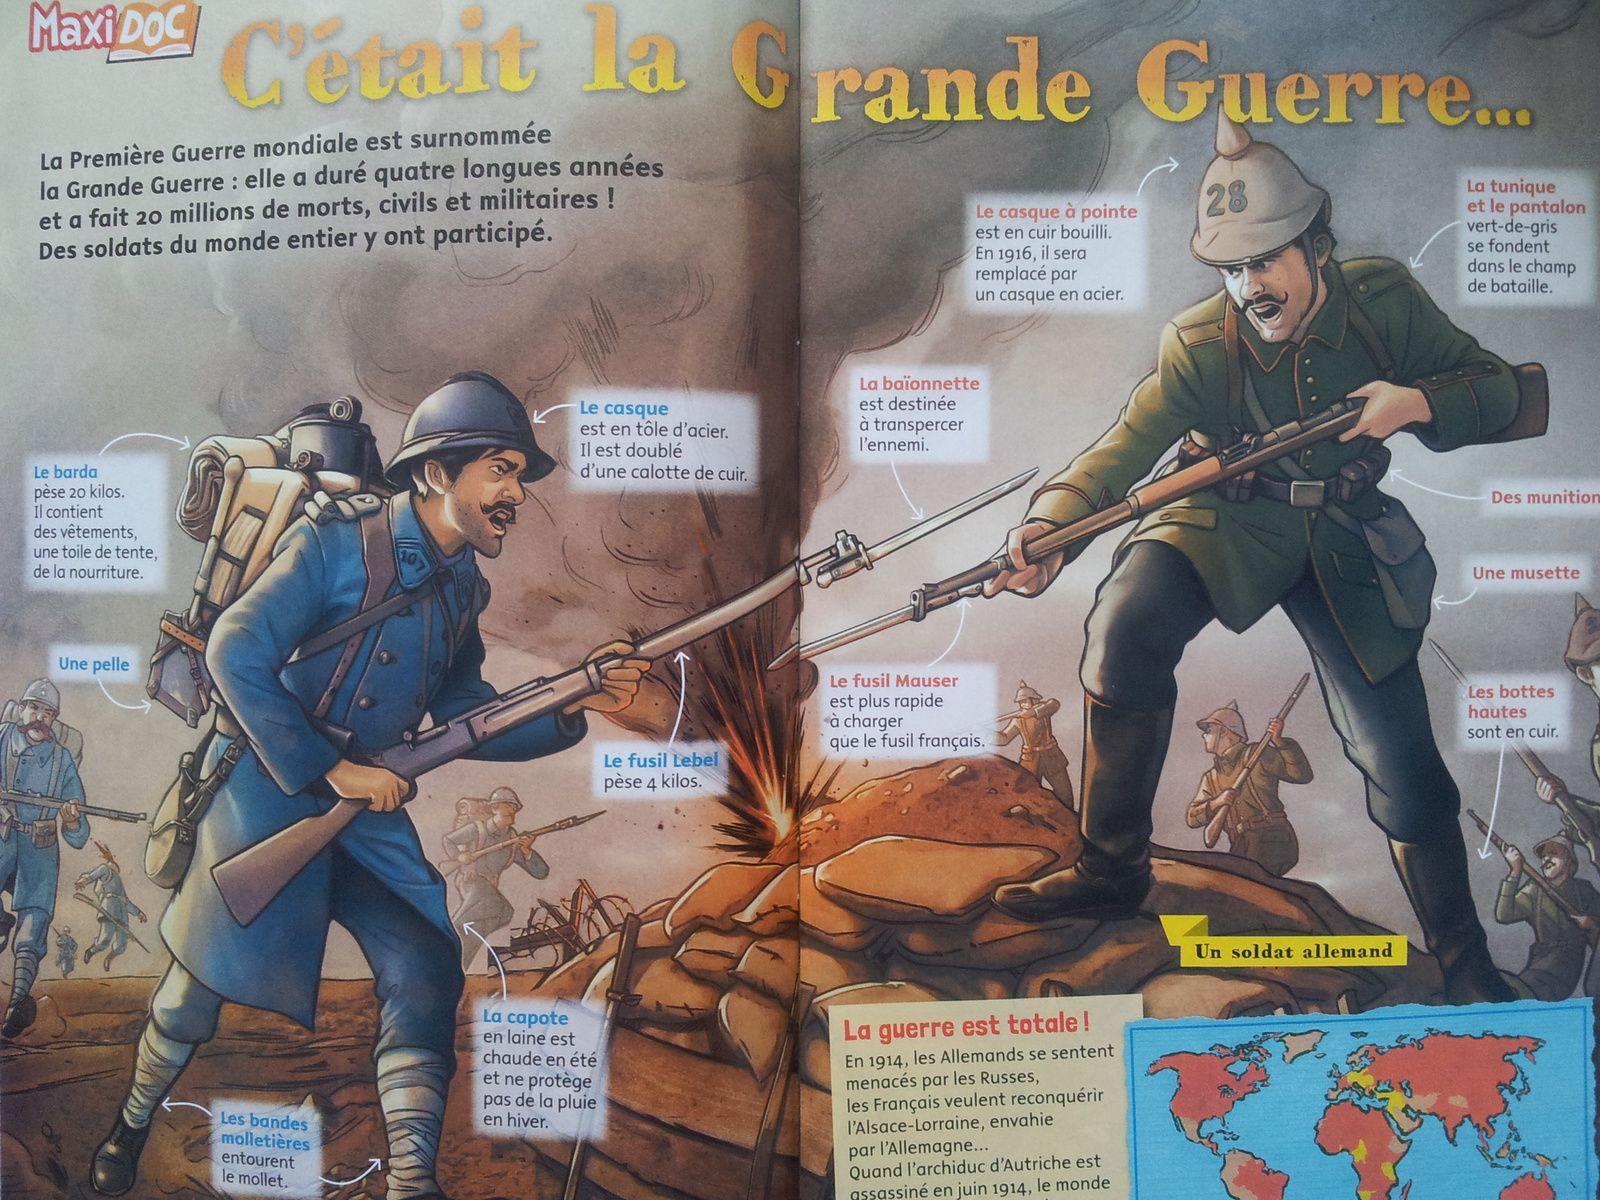 Transmettre : La Grande Guerre dans la Presse Enfant (Dès 7 ans) (Partie 1)